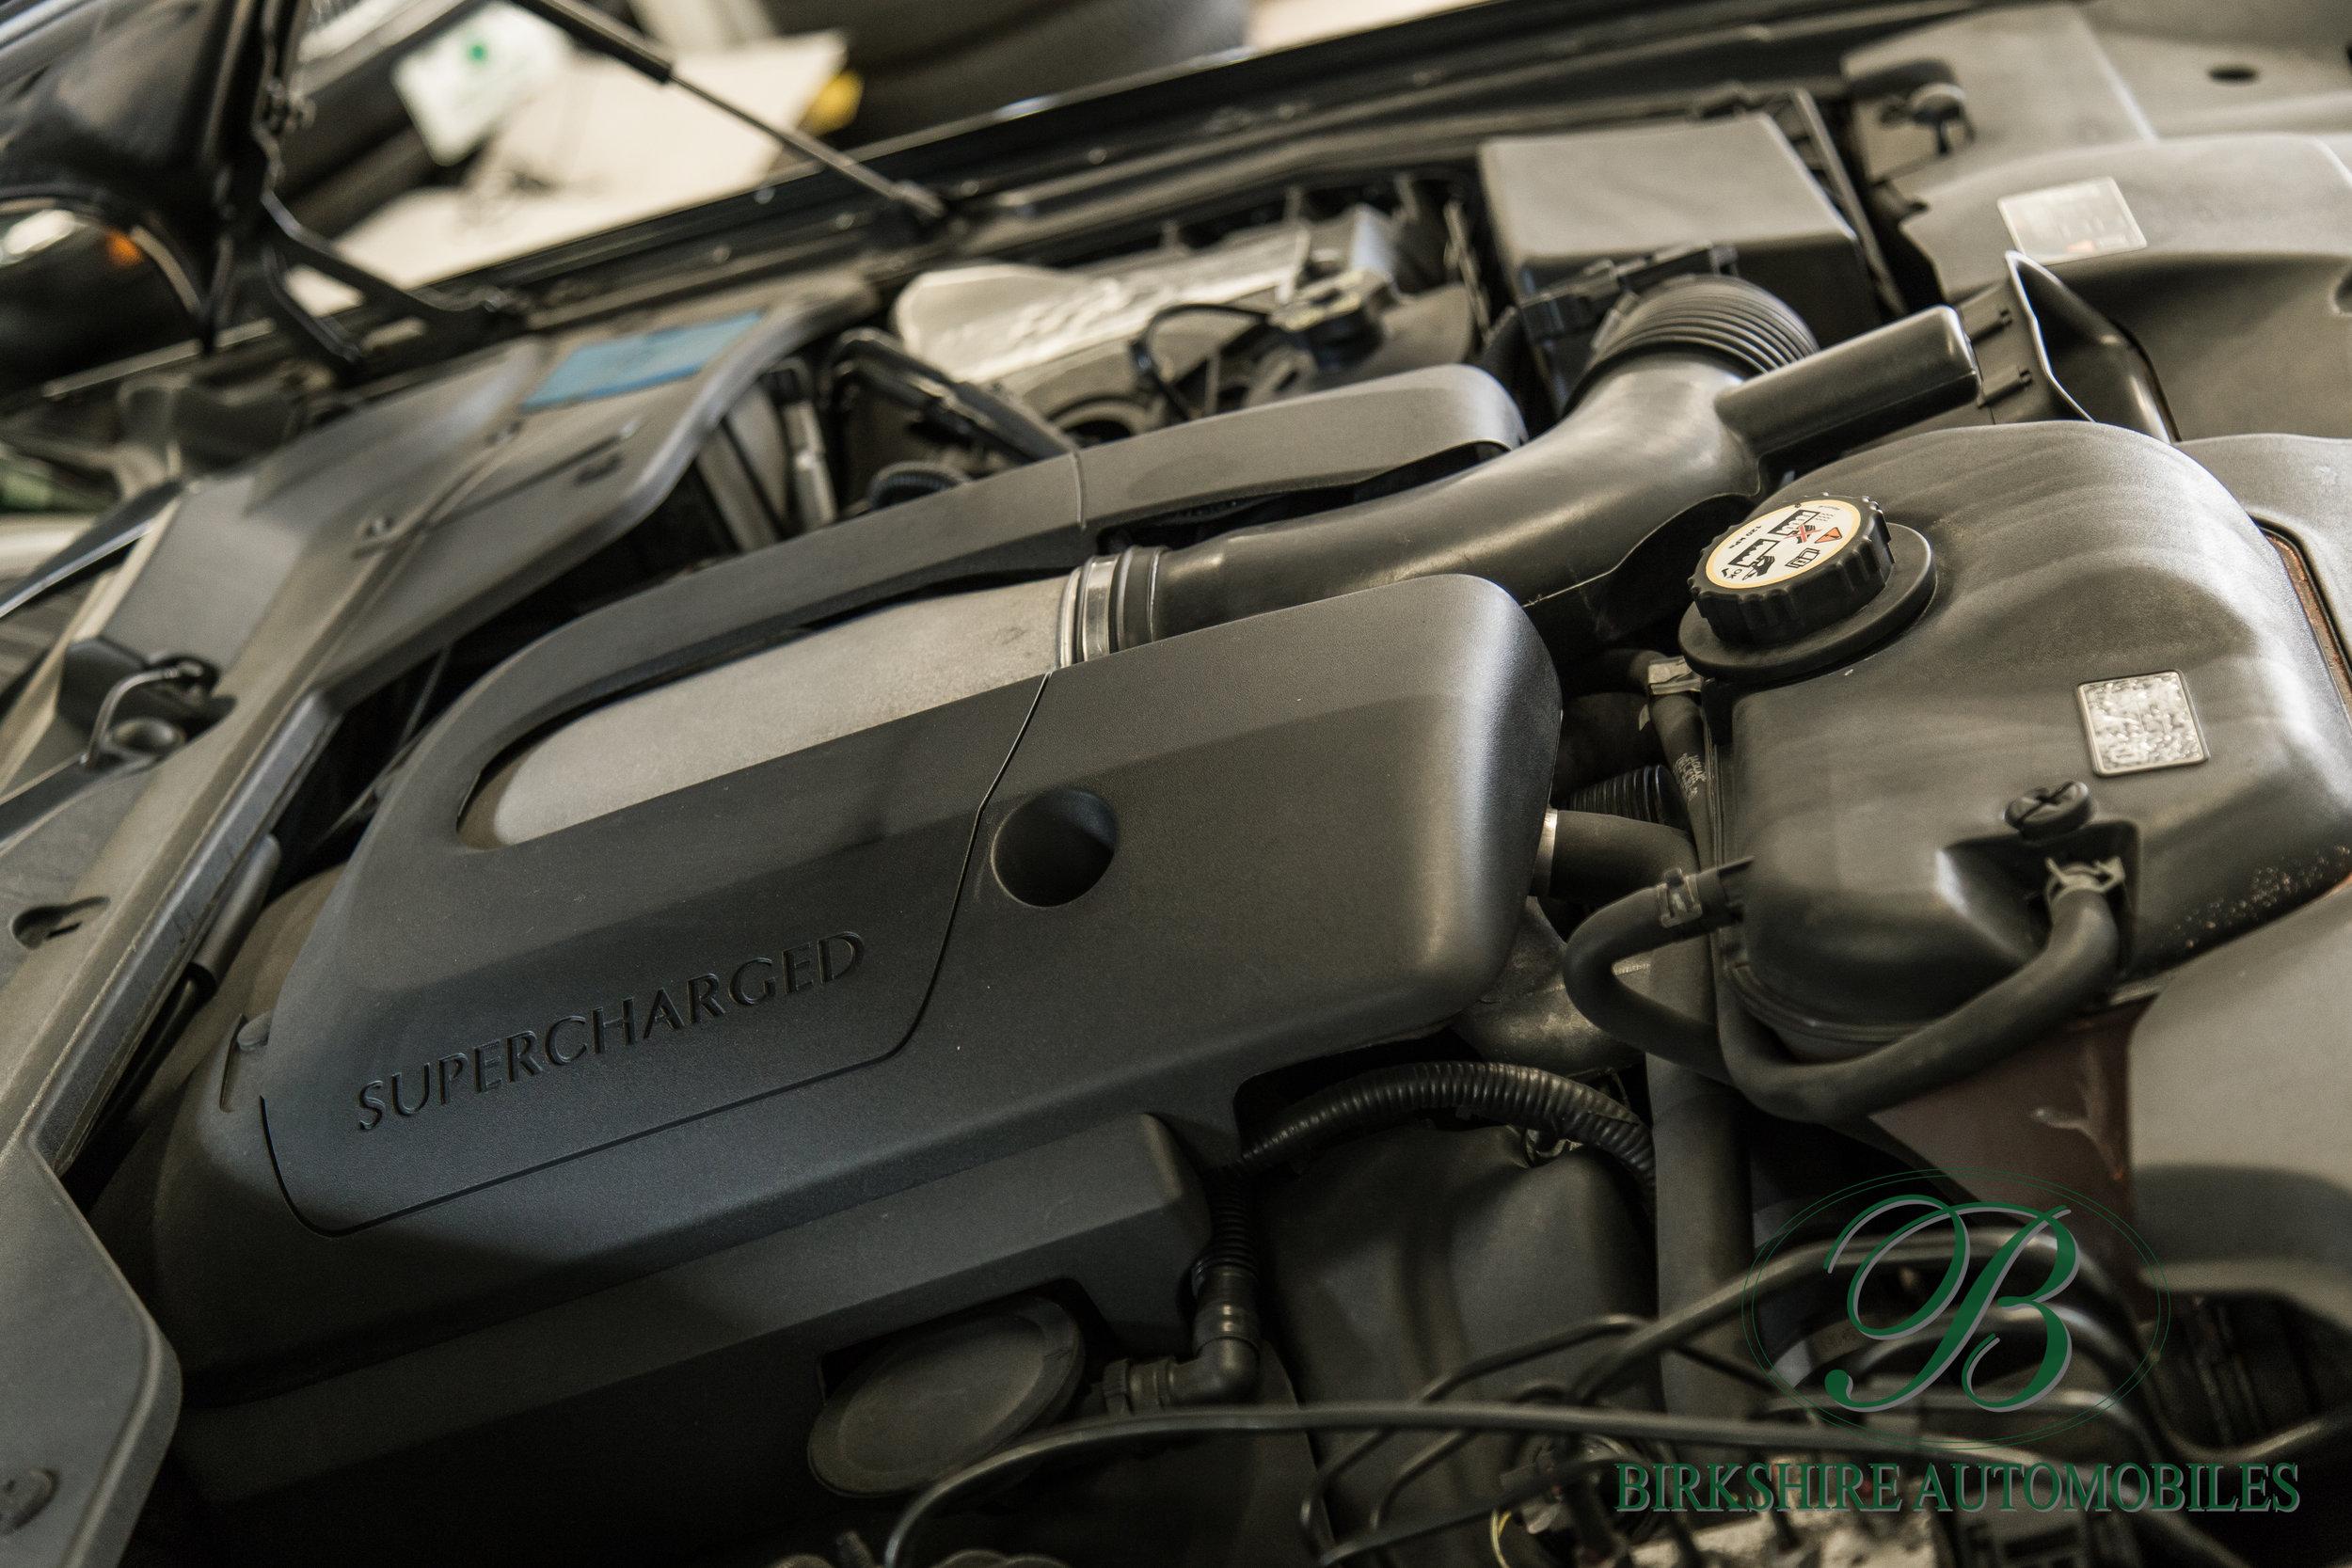 Birkshire Automobiles-Jaguar XJR